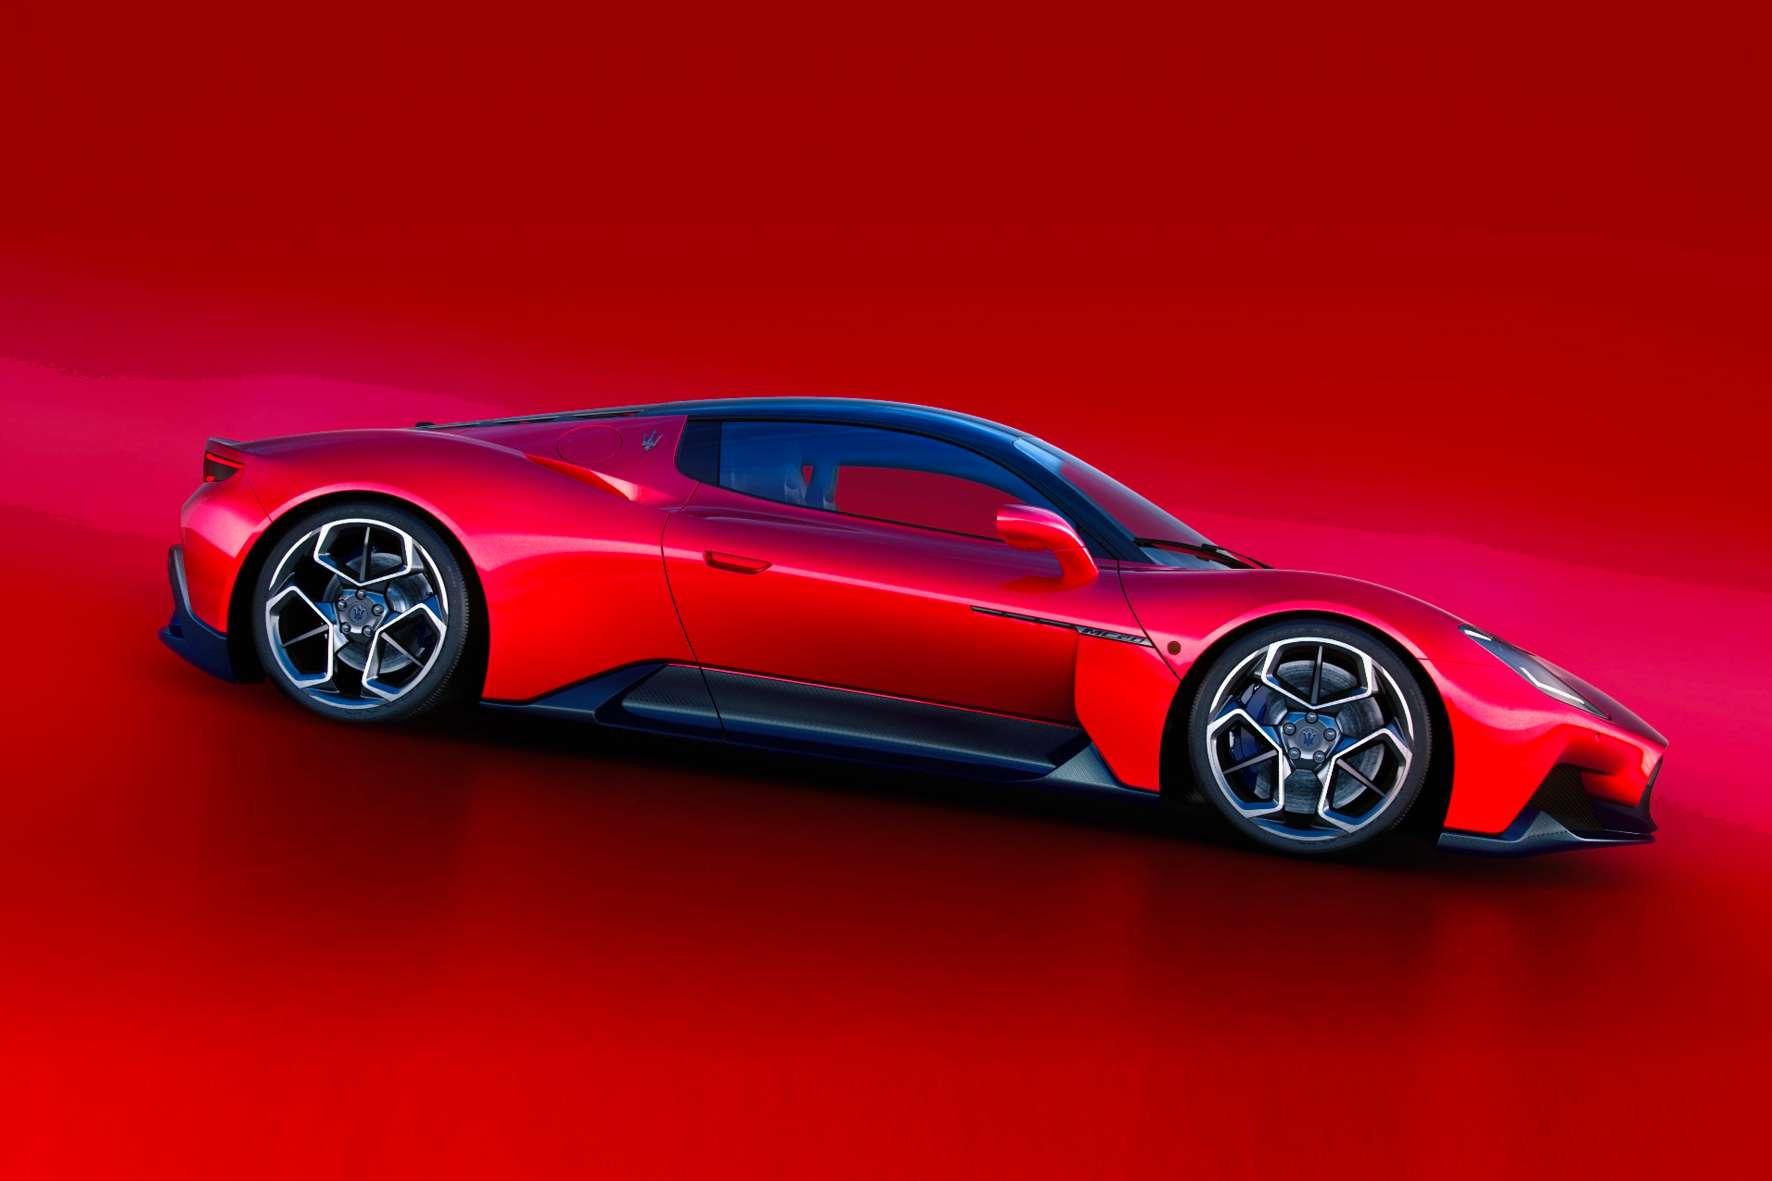 Neuheit aus der Sportwagen-Welt der italienischen Dreizack-Marke